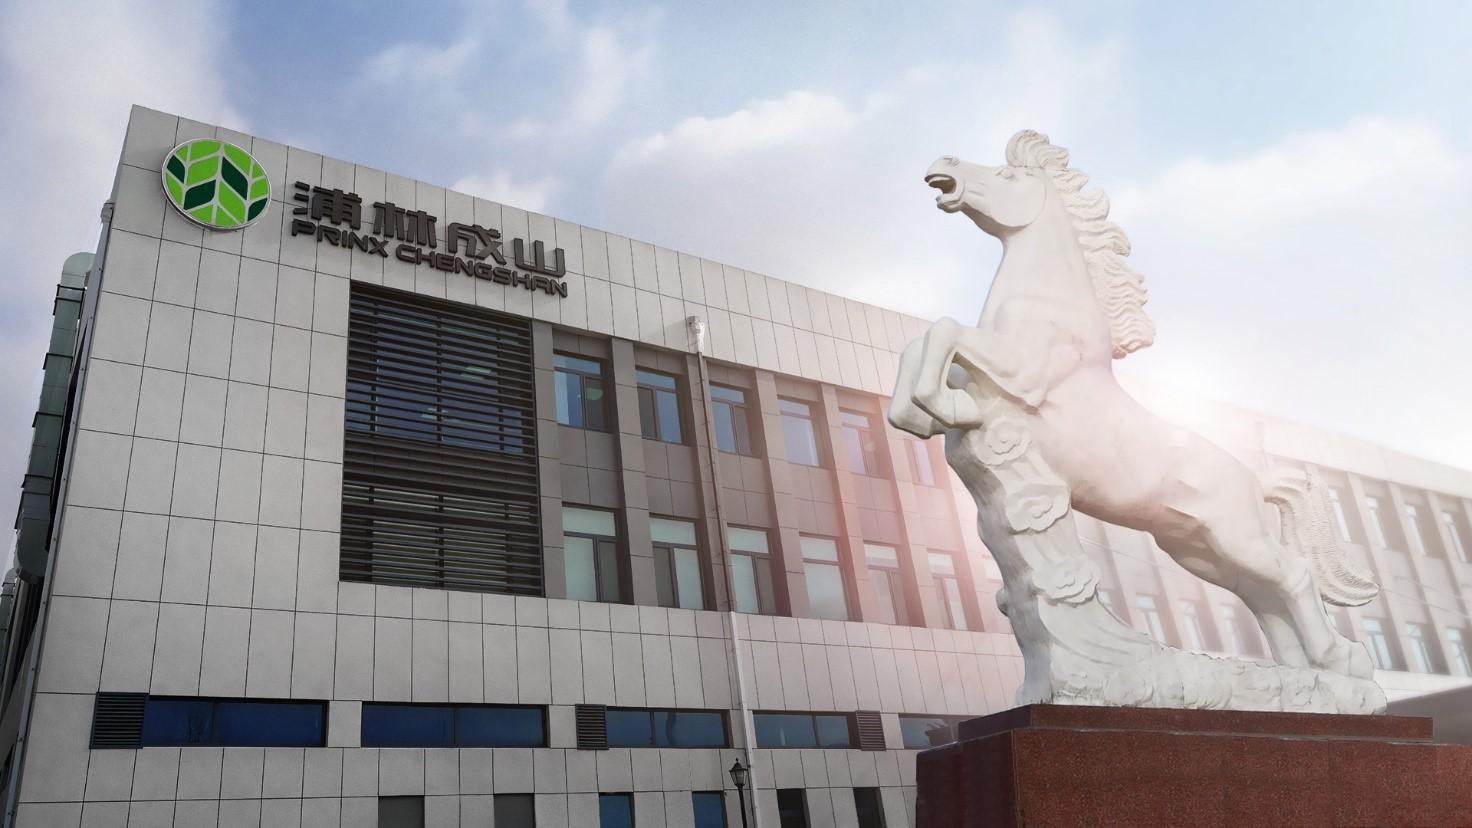 浦林成山(1809.HK)2020营收创双位数增长 产能扩张强化价值预期